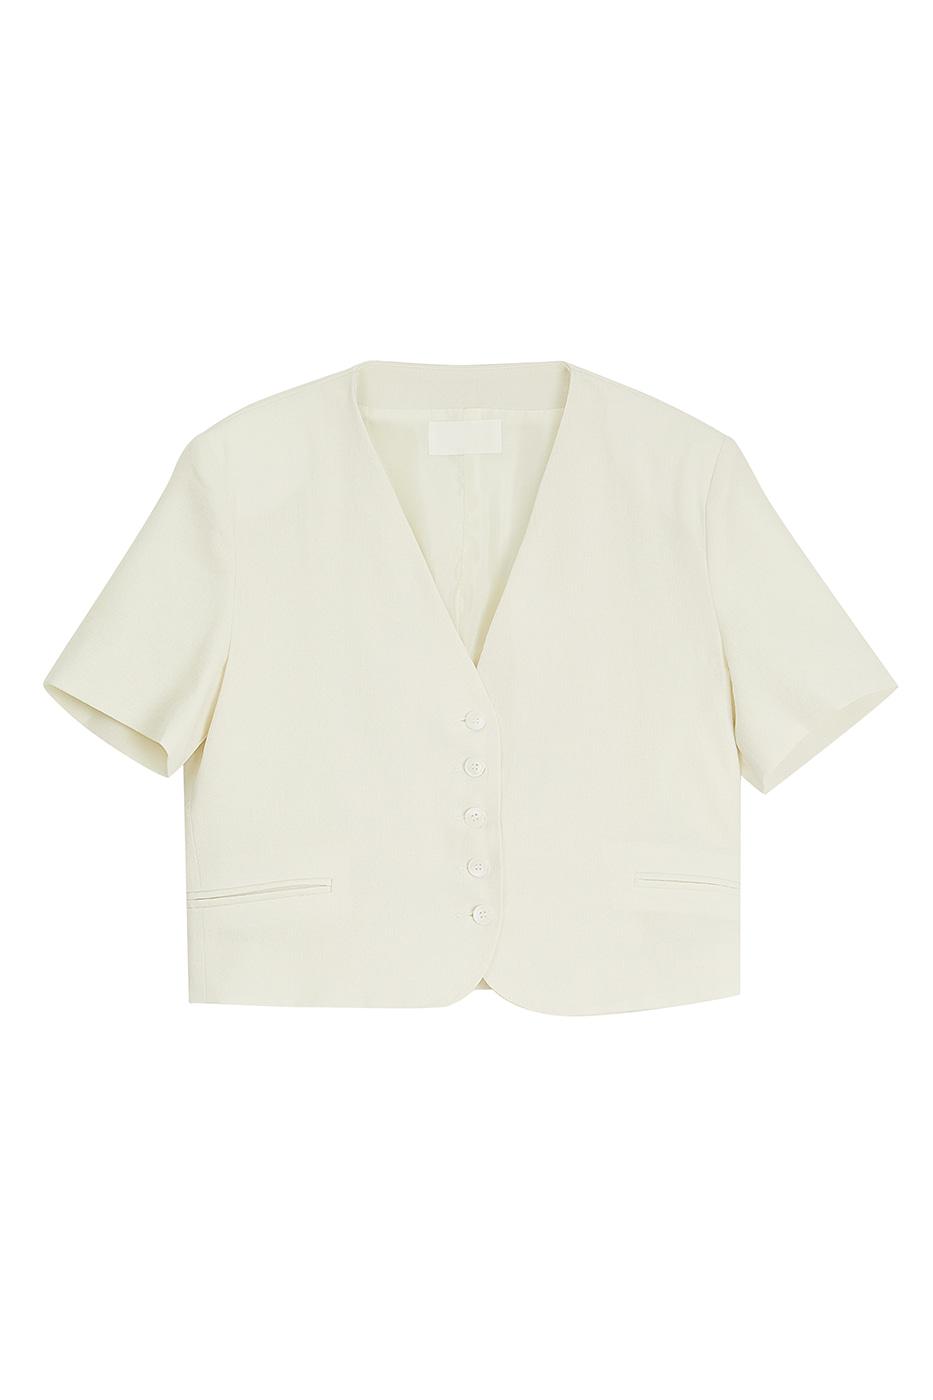 Blanc half crop blazer